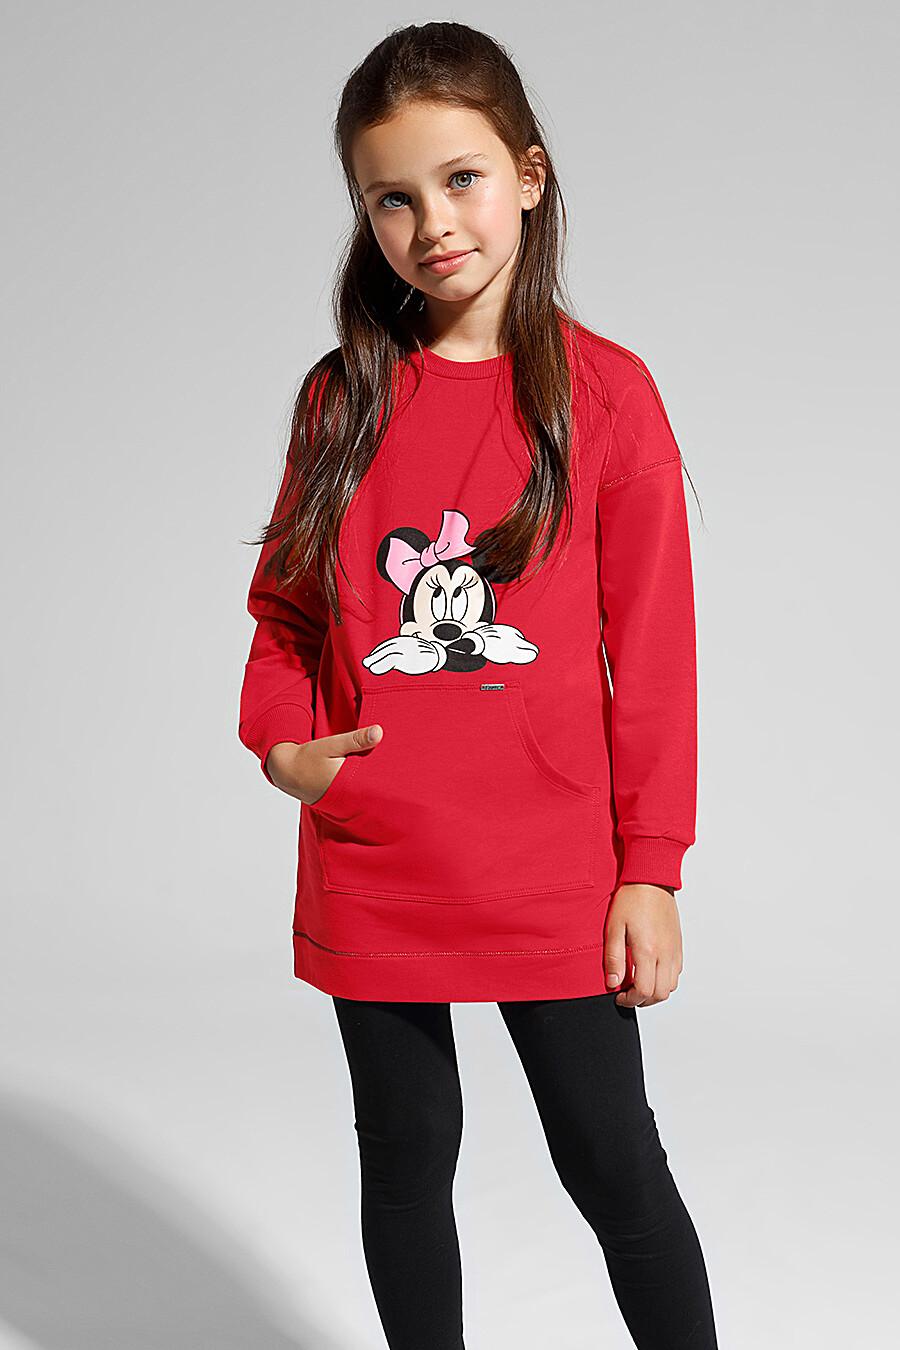 Туника для девочек CONTE KIDS 165583 купить оптом от производителя. Совместная покупка детской одежды в OptMoyo